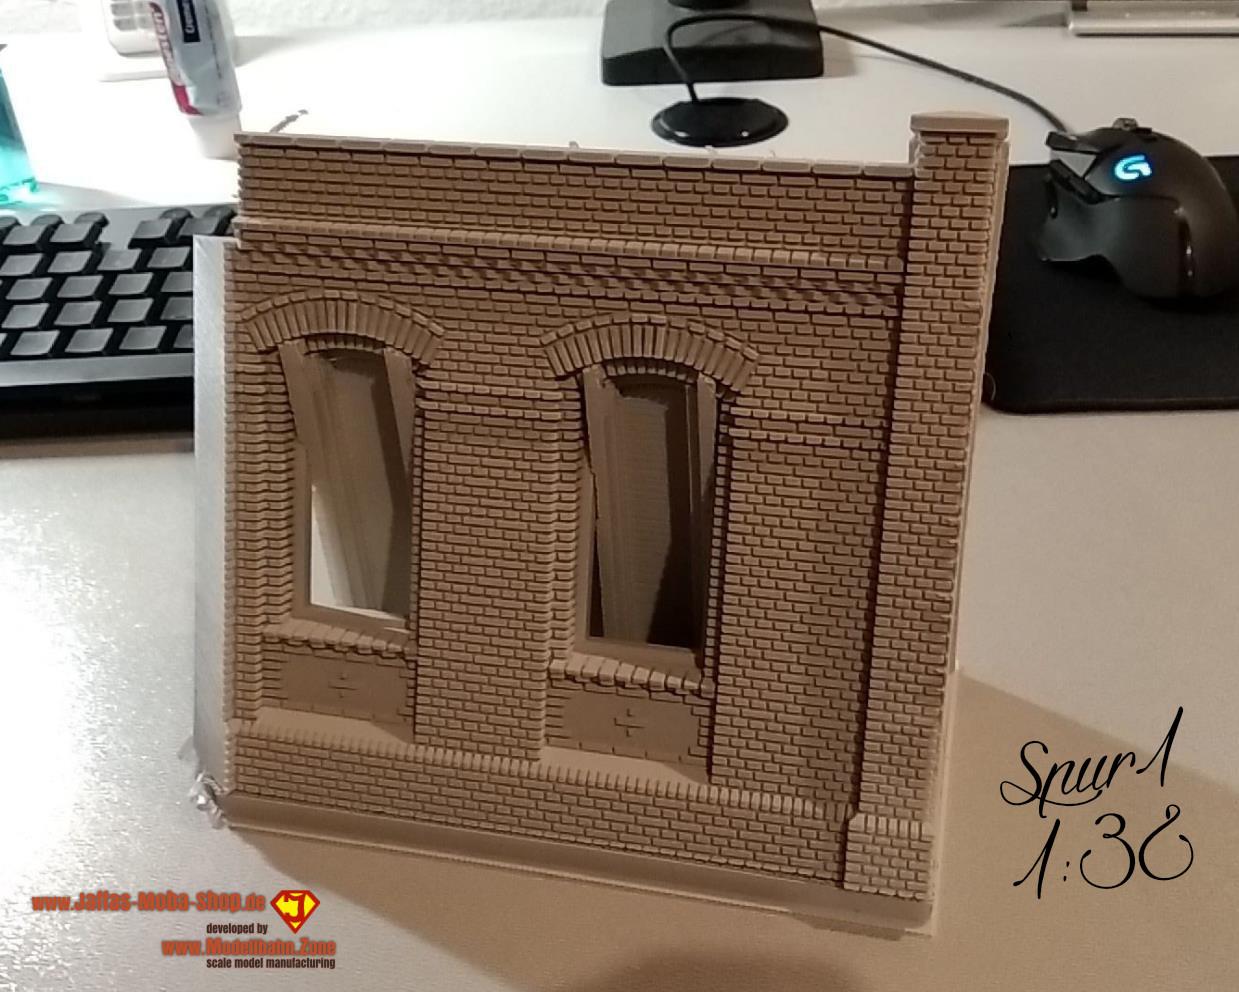 Bhf_Stolzenau_3Dprint_2020-12-17__1-32_.jpg